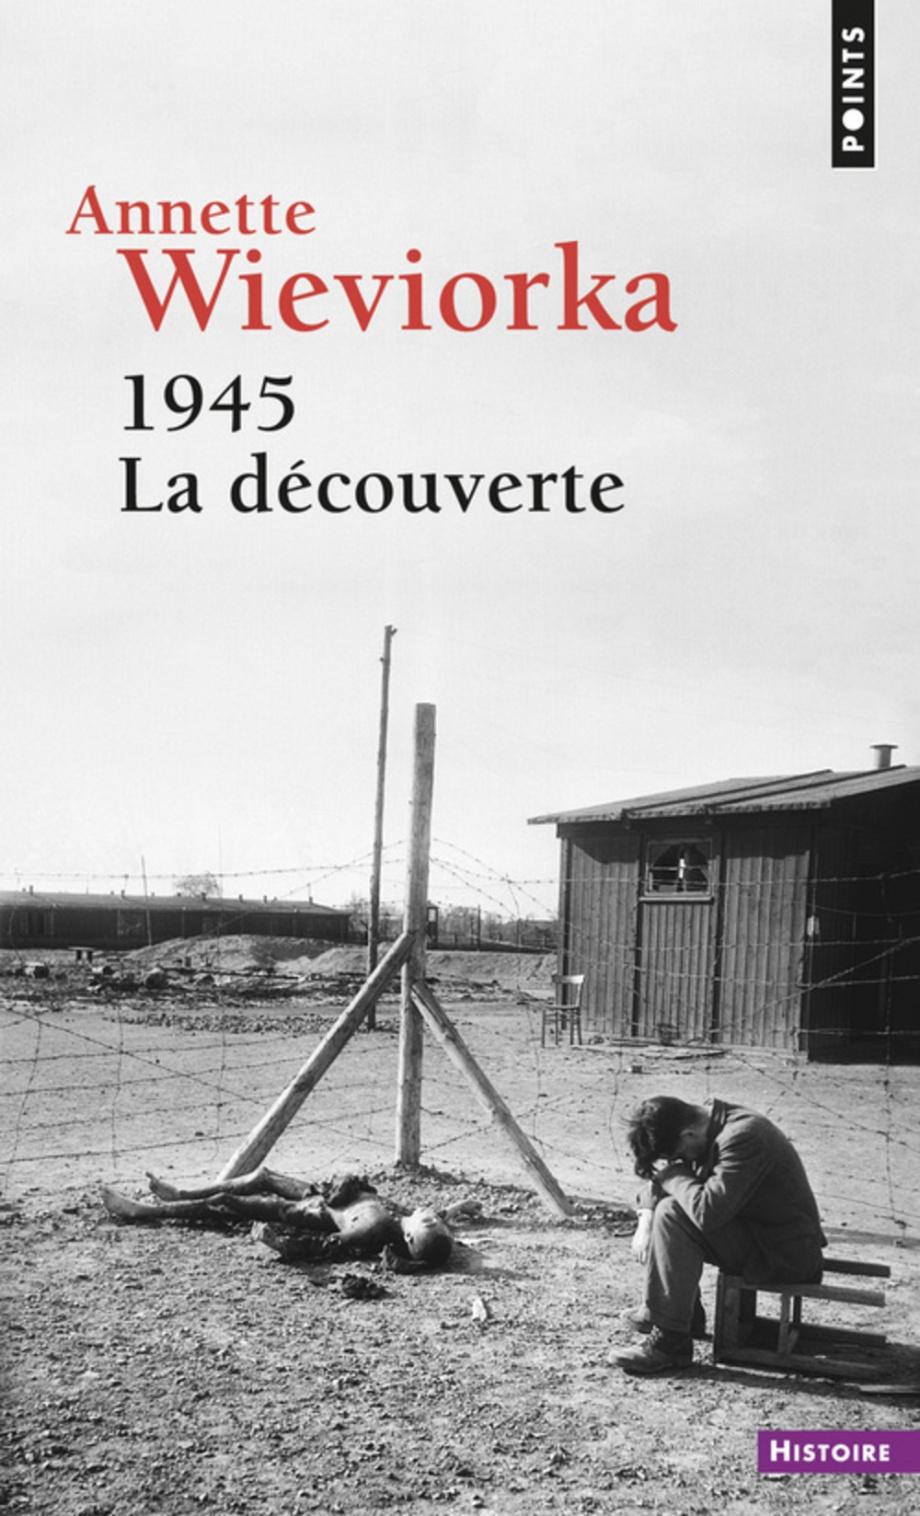 Résultats de recherche d'images pour «1945 la decouverte wieviorka»